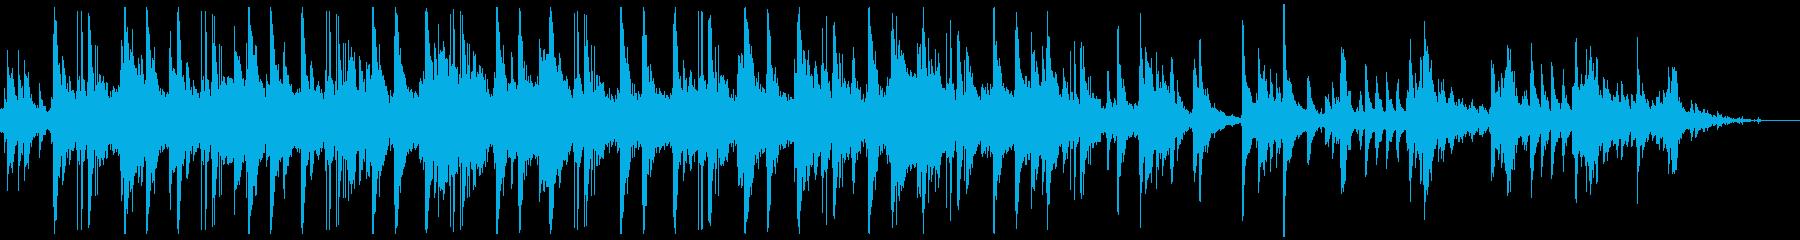 美しいピアノと重なり合う鳥の鳴き声の再生済みの波形